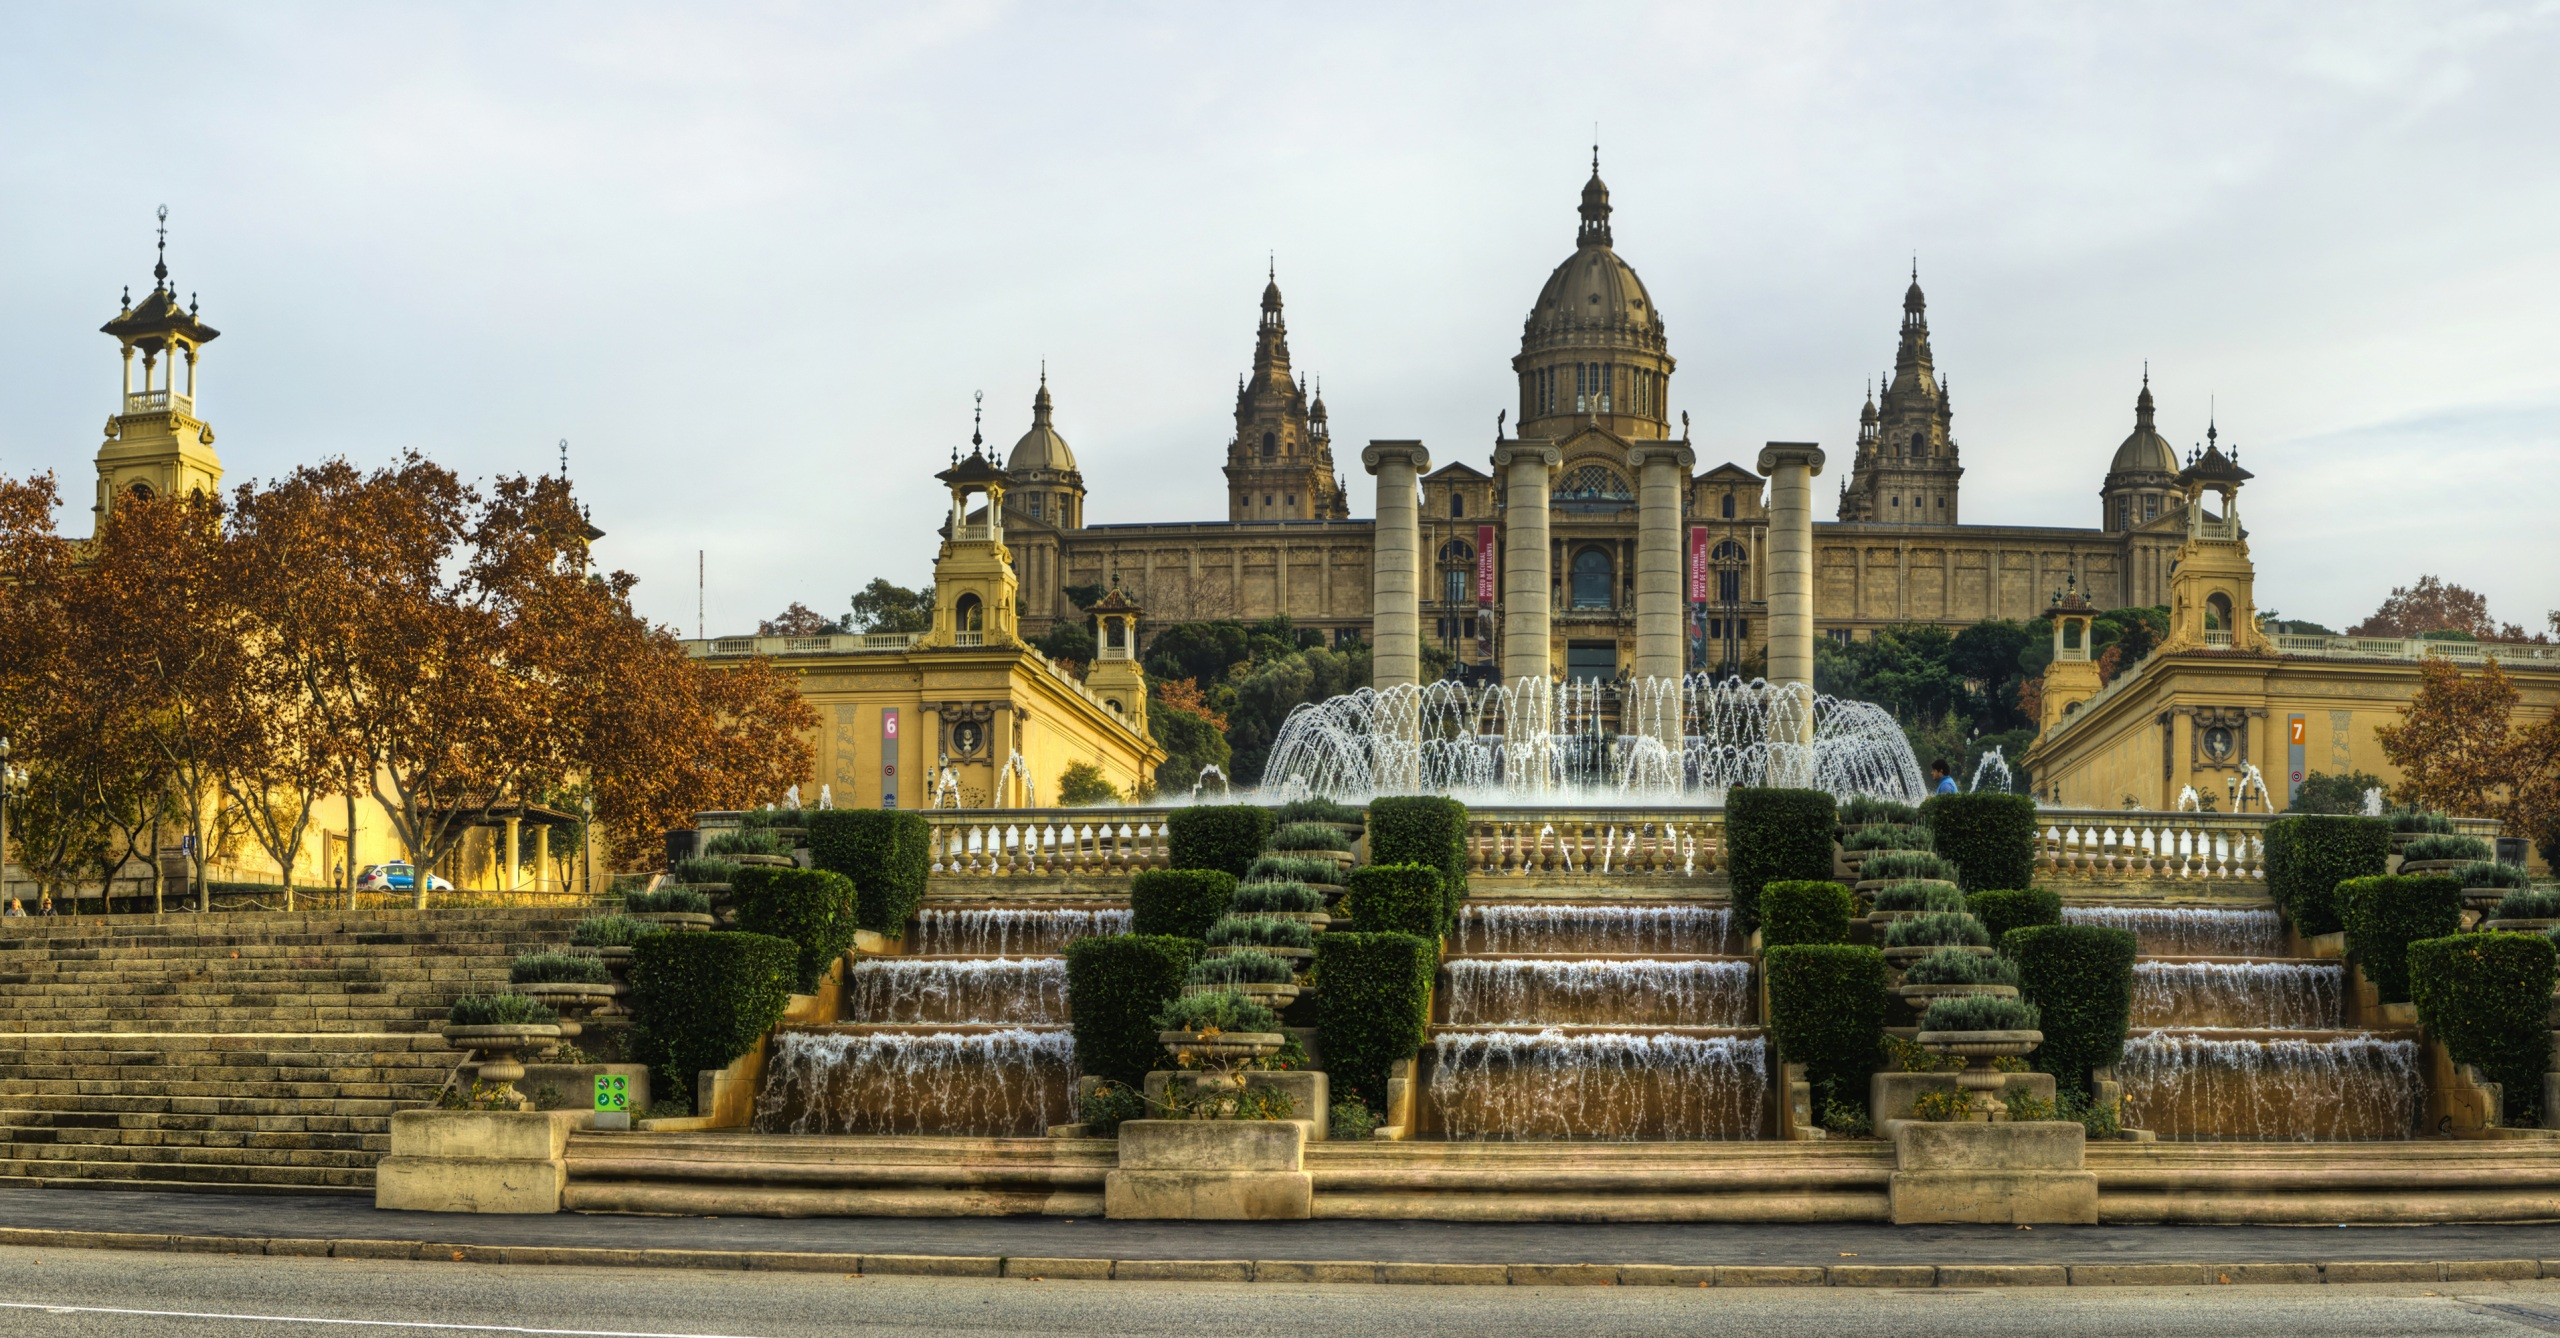 Фотография Барселона Дворец Испания Фонтаны National Palace лестницы Водопады Города 2560x1338 дворца Лестница